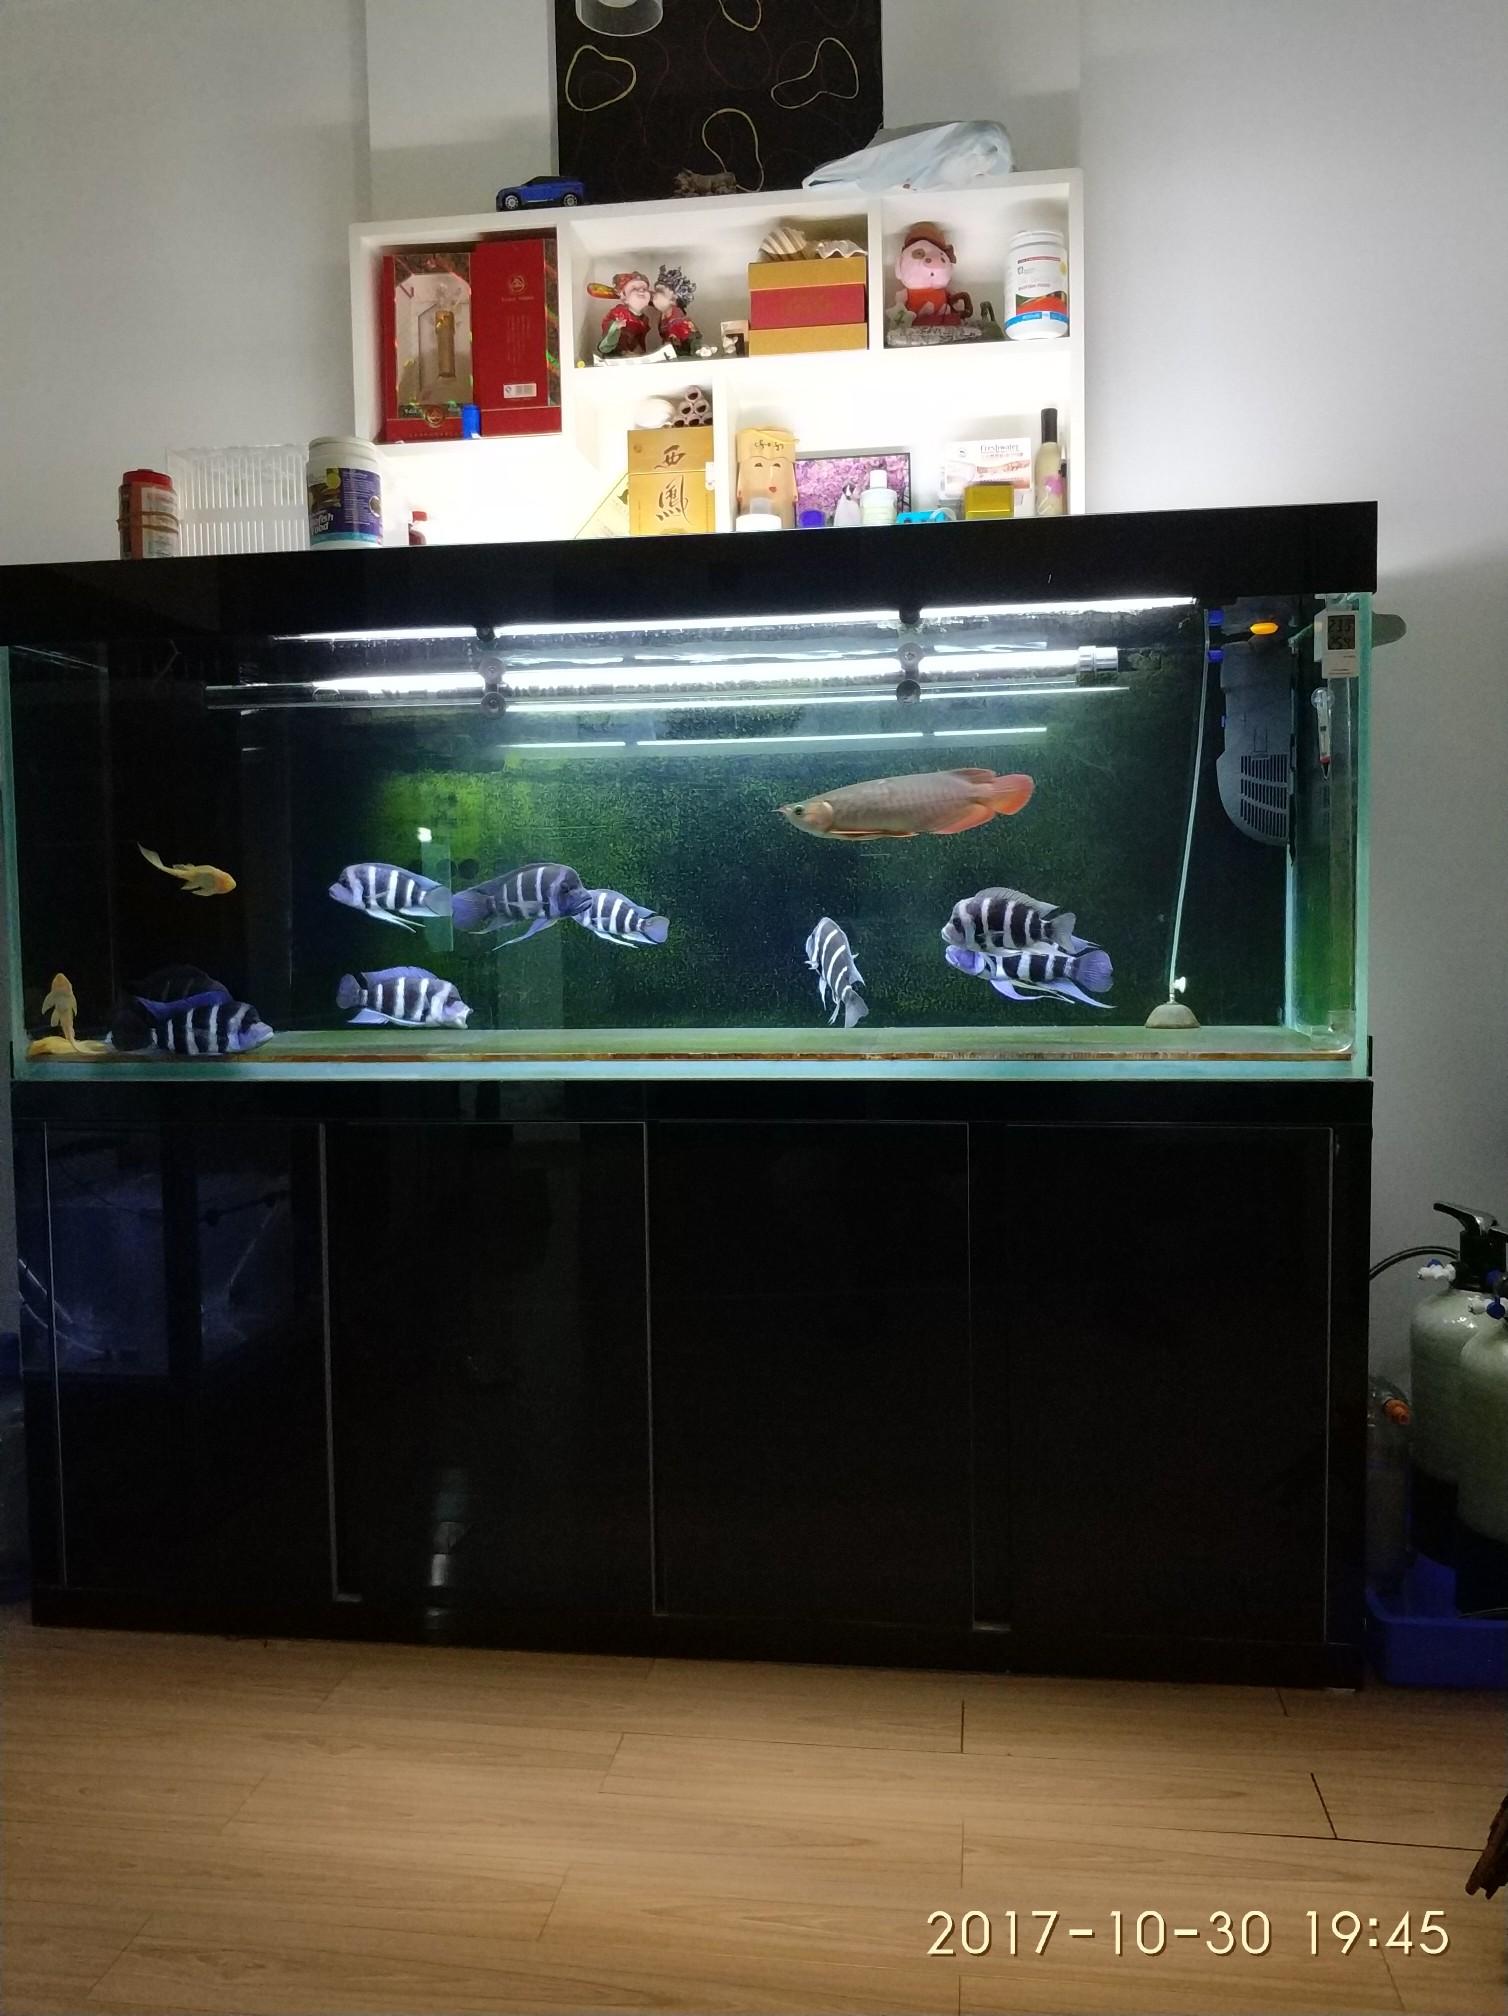 晒晒我的鱼们 西安观赏鱼信息 西安博特第2张